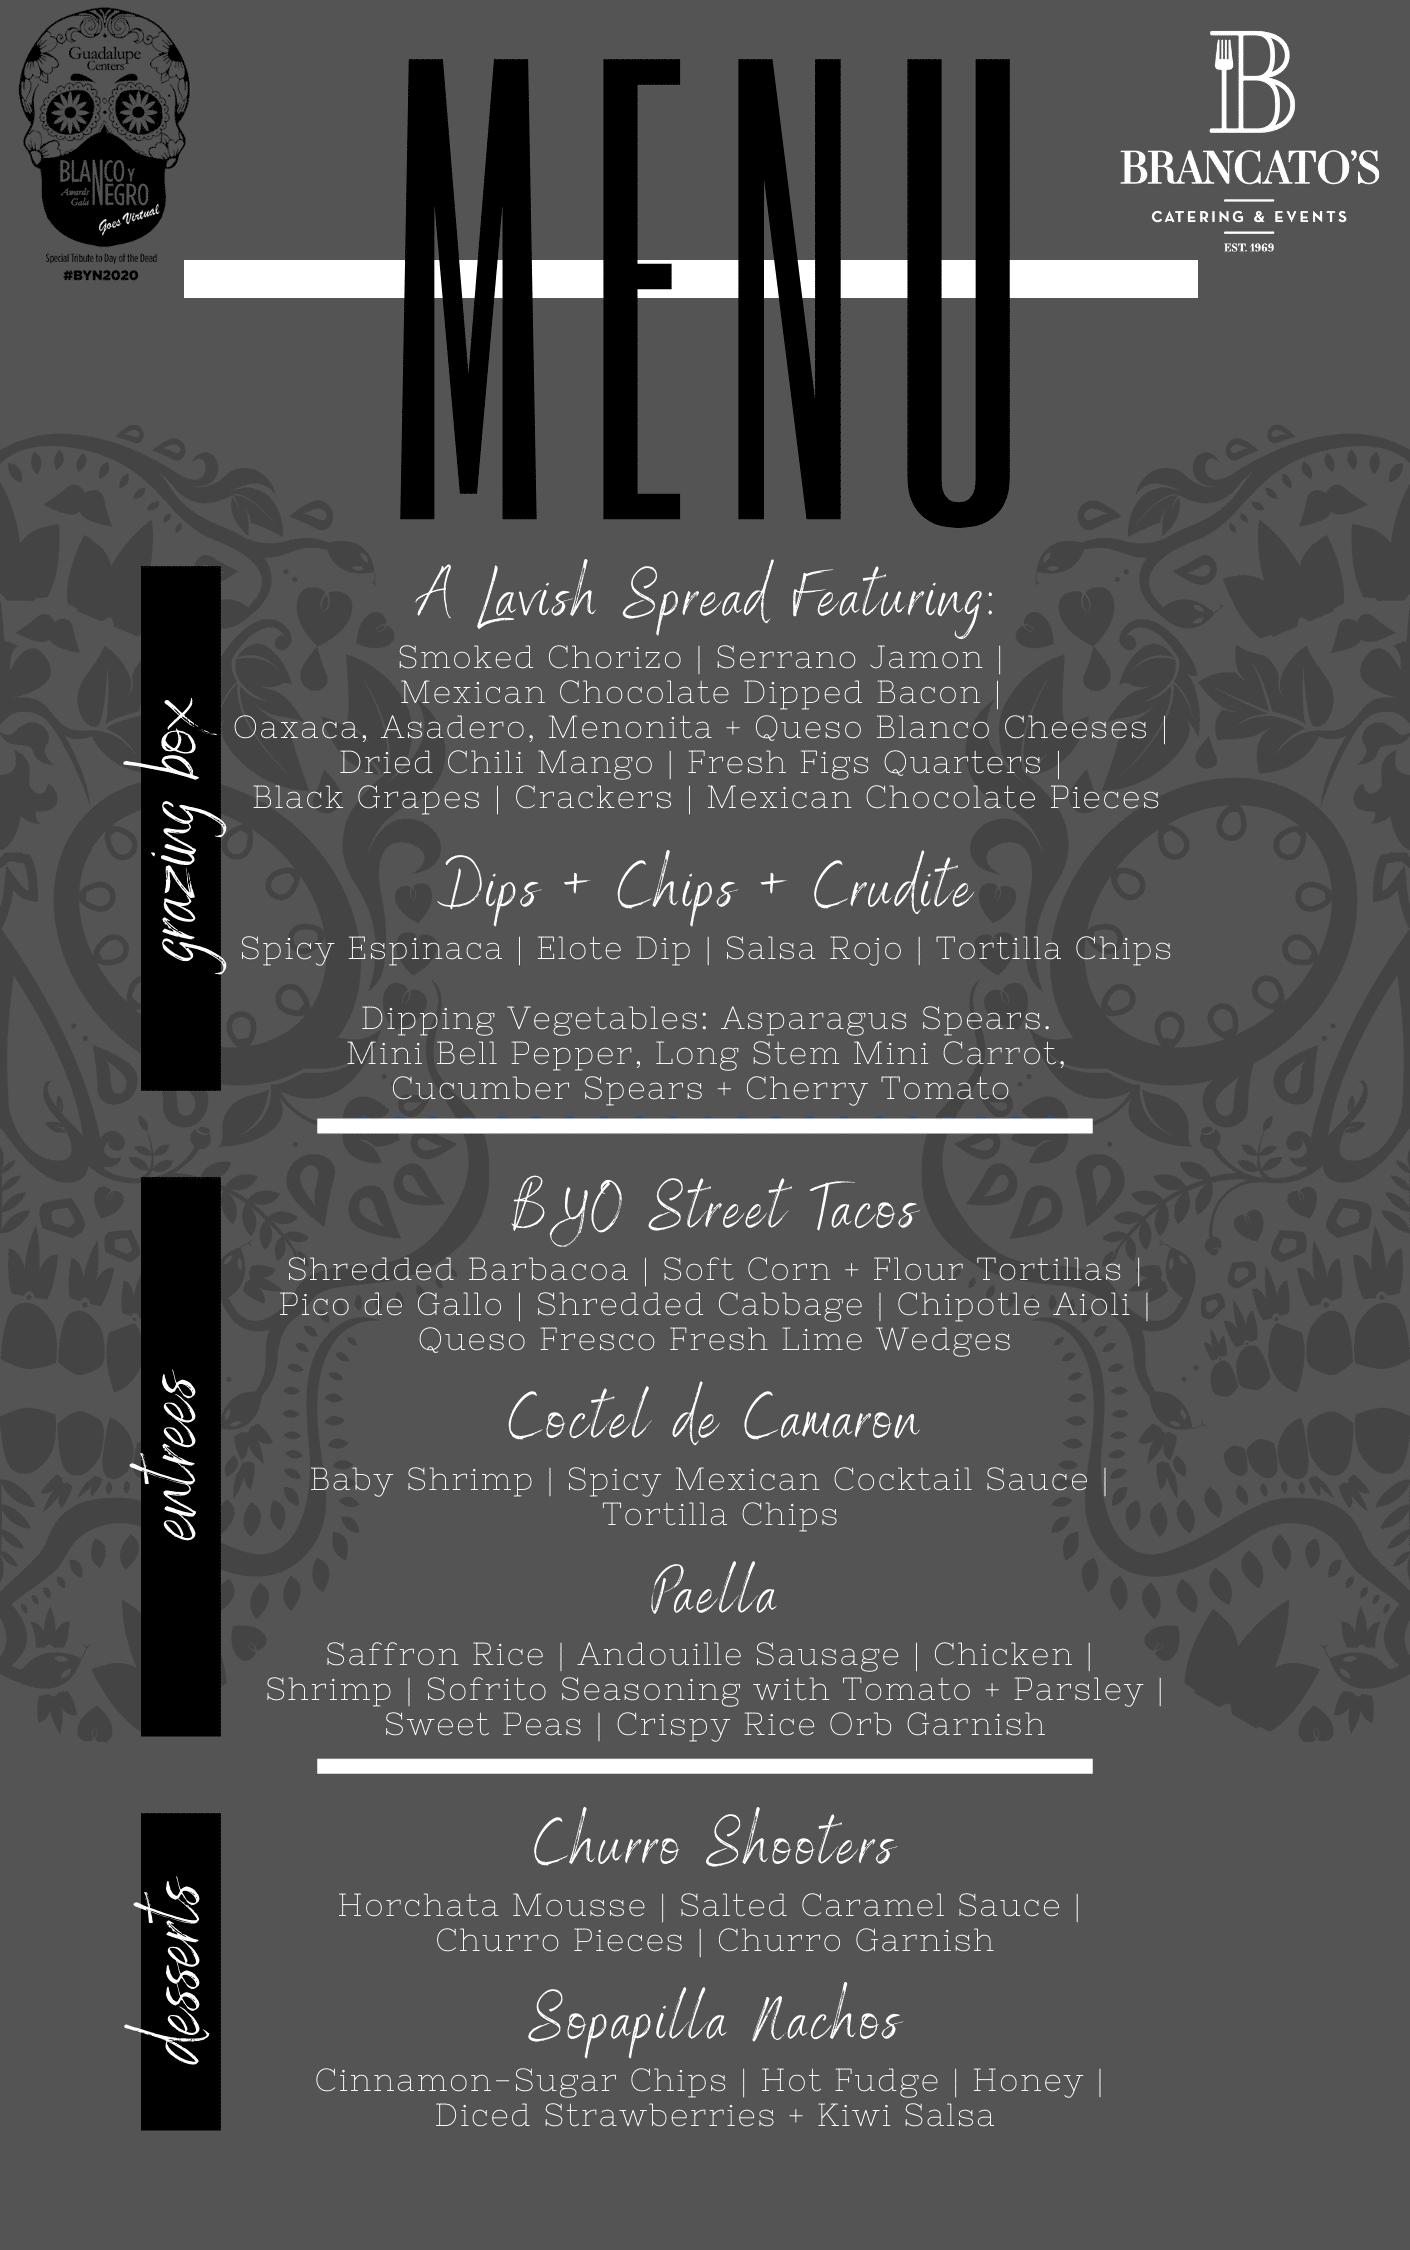 guadalupe center menu (1)